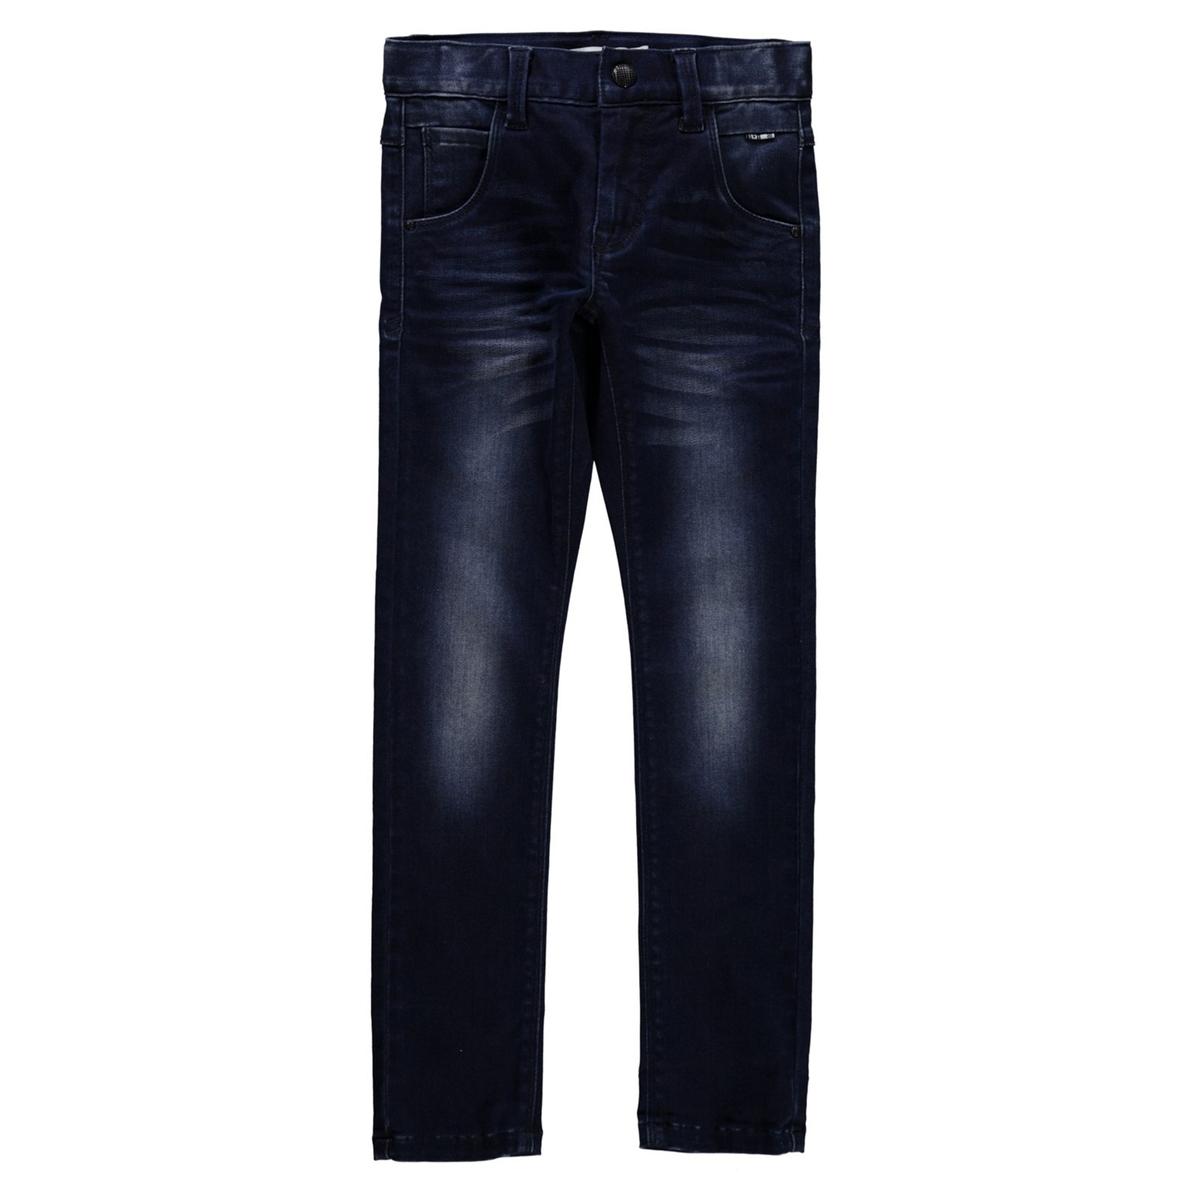 Джинсы La Redoute Узкие 8 синий джинсы la redoute узкие с вышивкой 8 другие